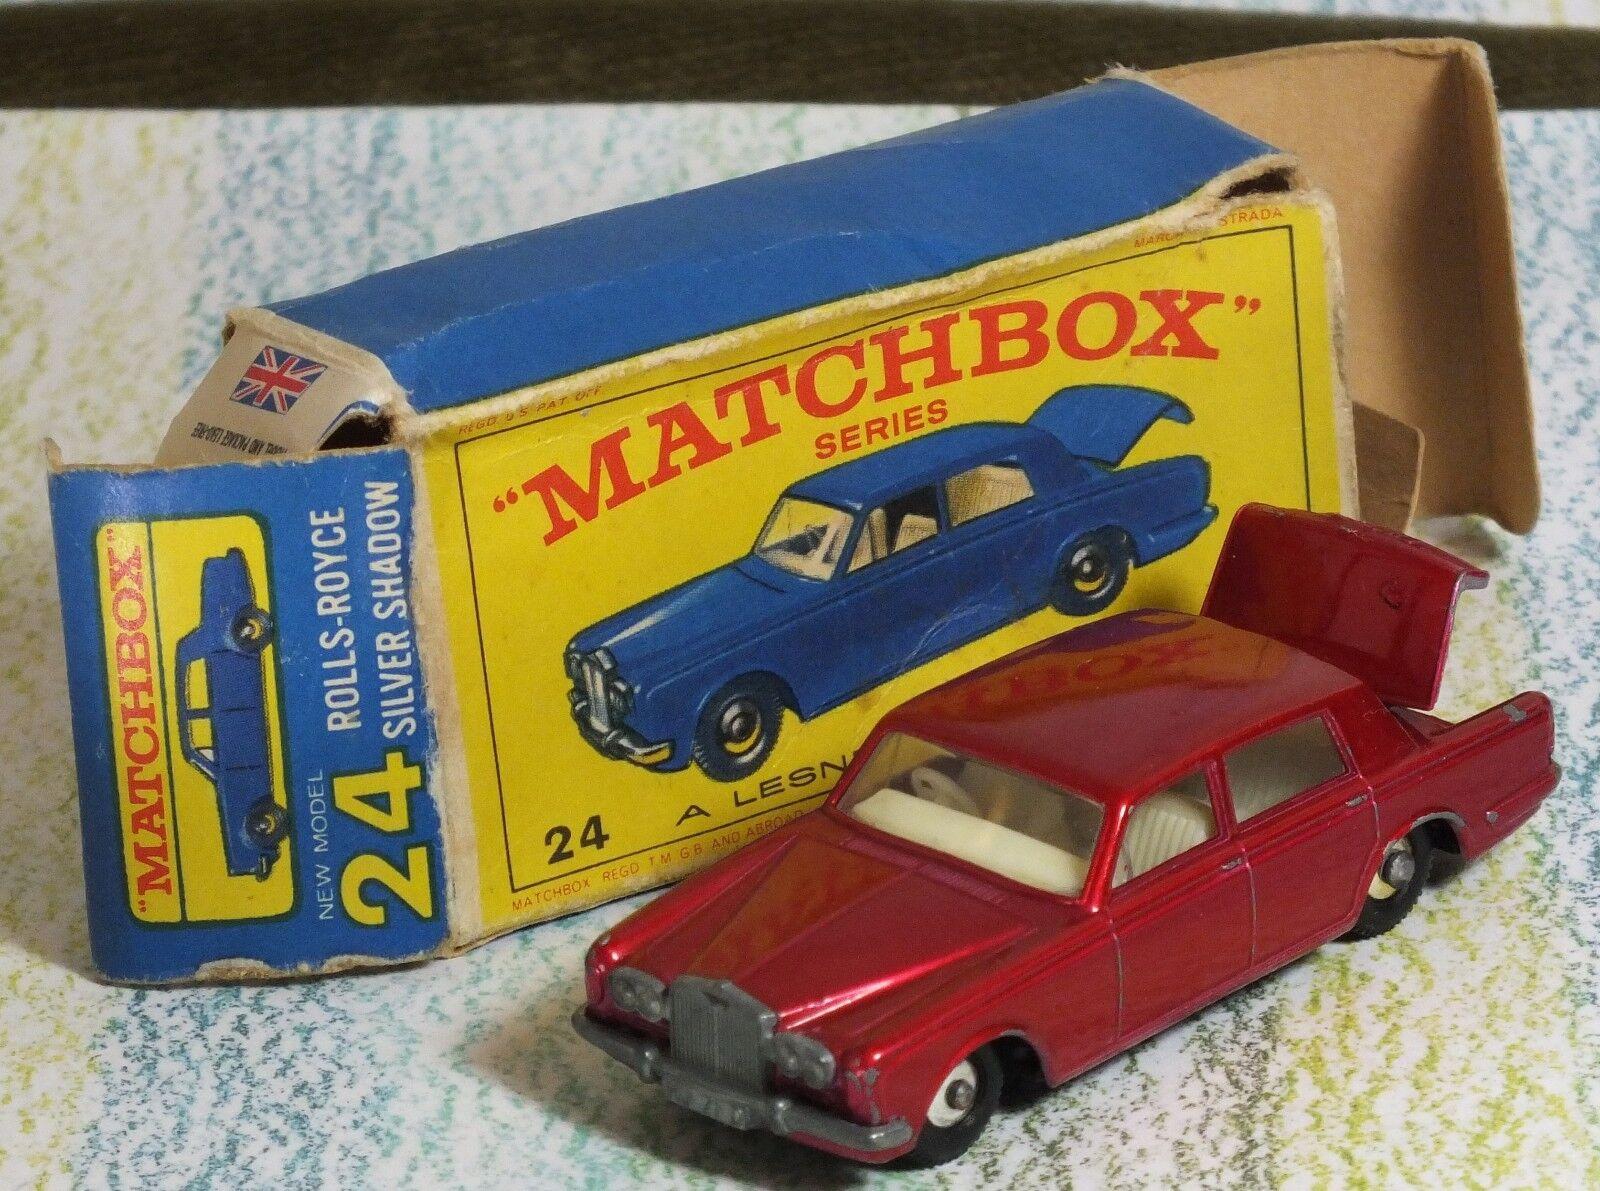 los últimos modelos Matchbox Lesney     24c Rolls Royce Plata Sombra Rojo Metálico Caja Casi Nuevo buenas  Seleccione de las marcas más nuevas como